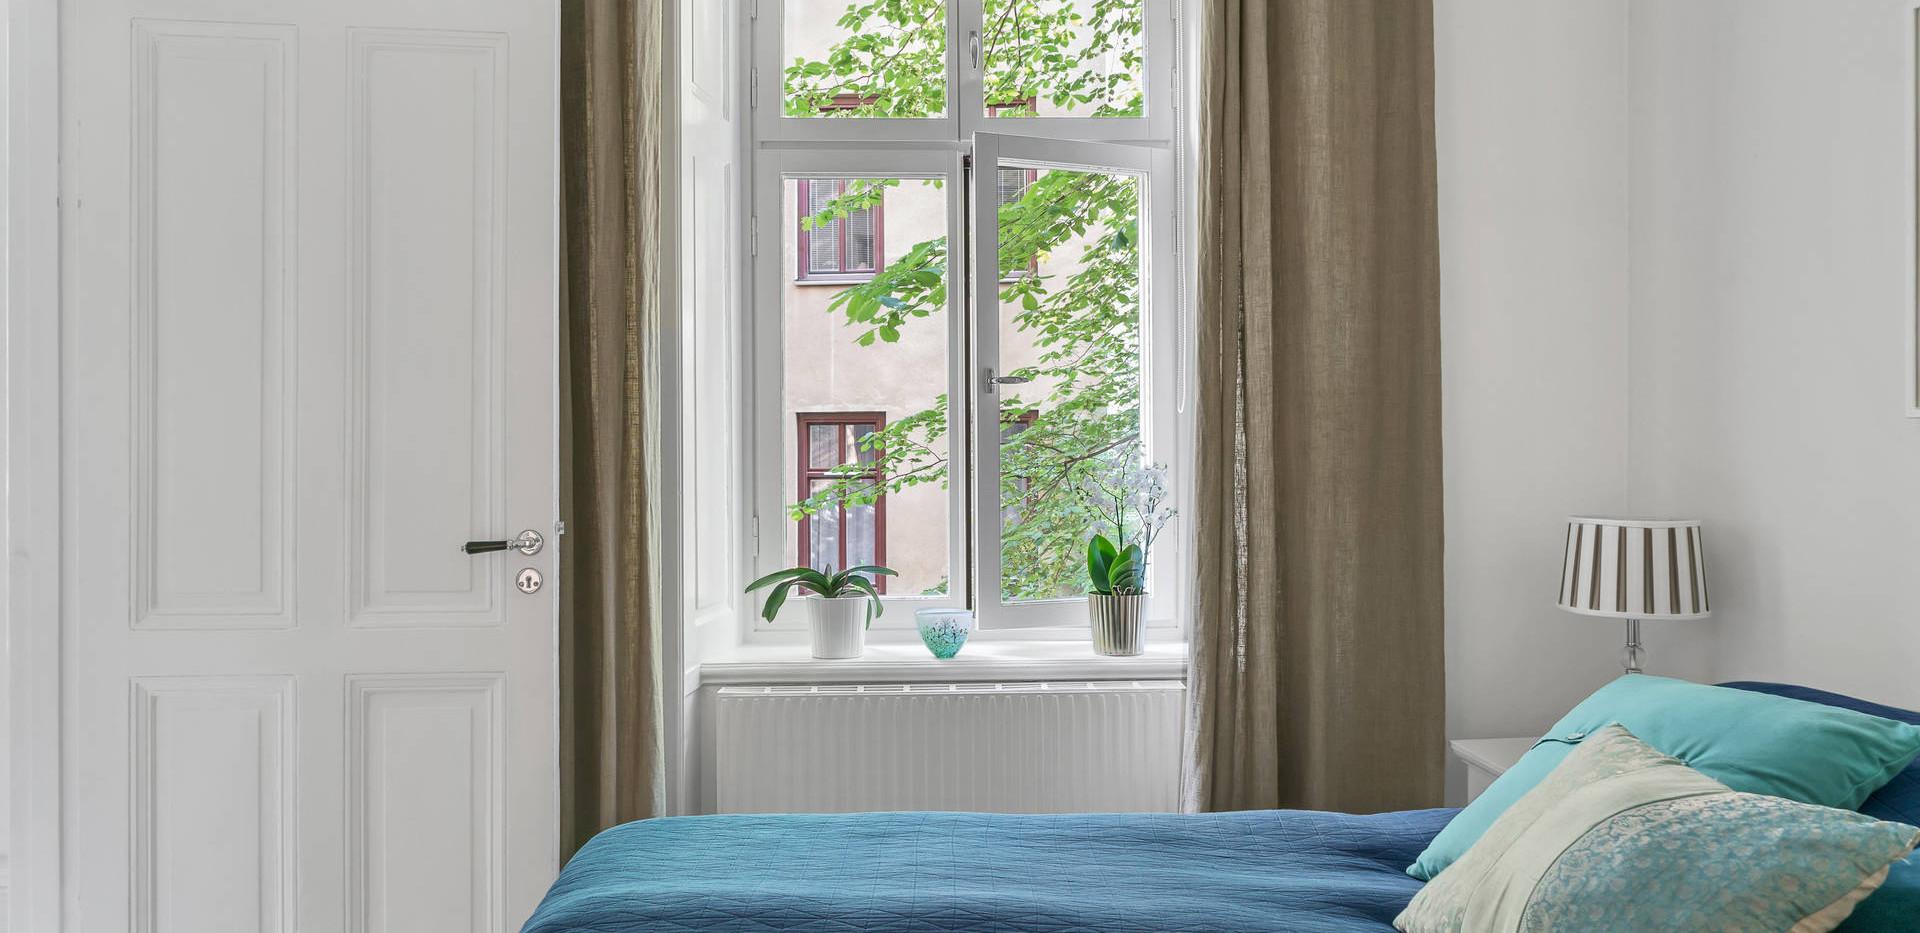 Valhallavagen 116 Bedroom window .jpg